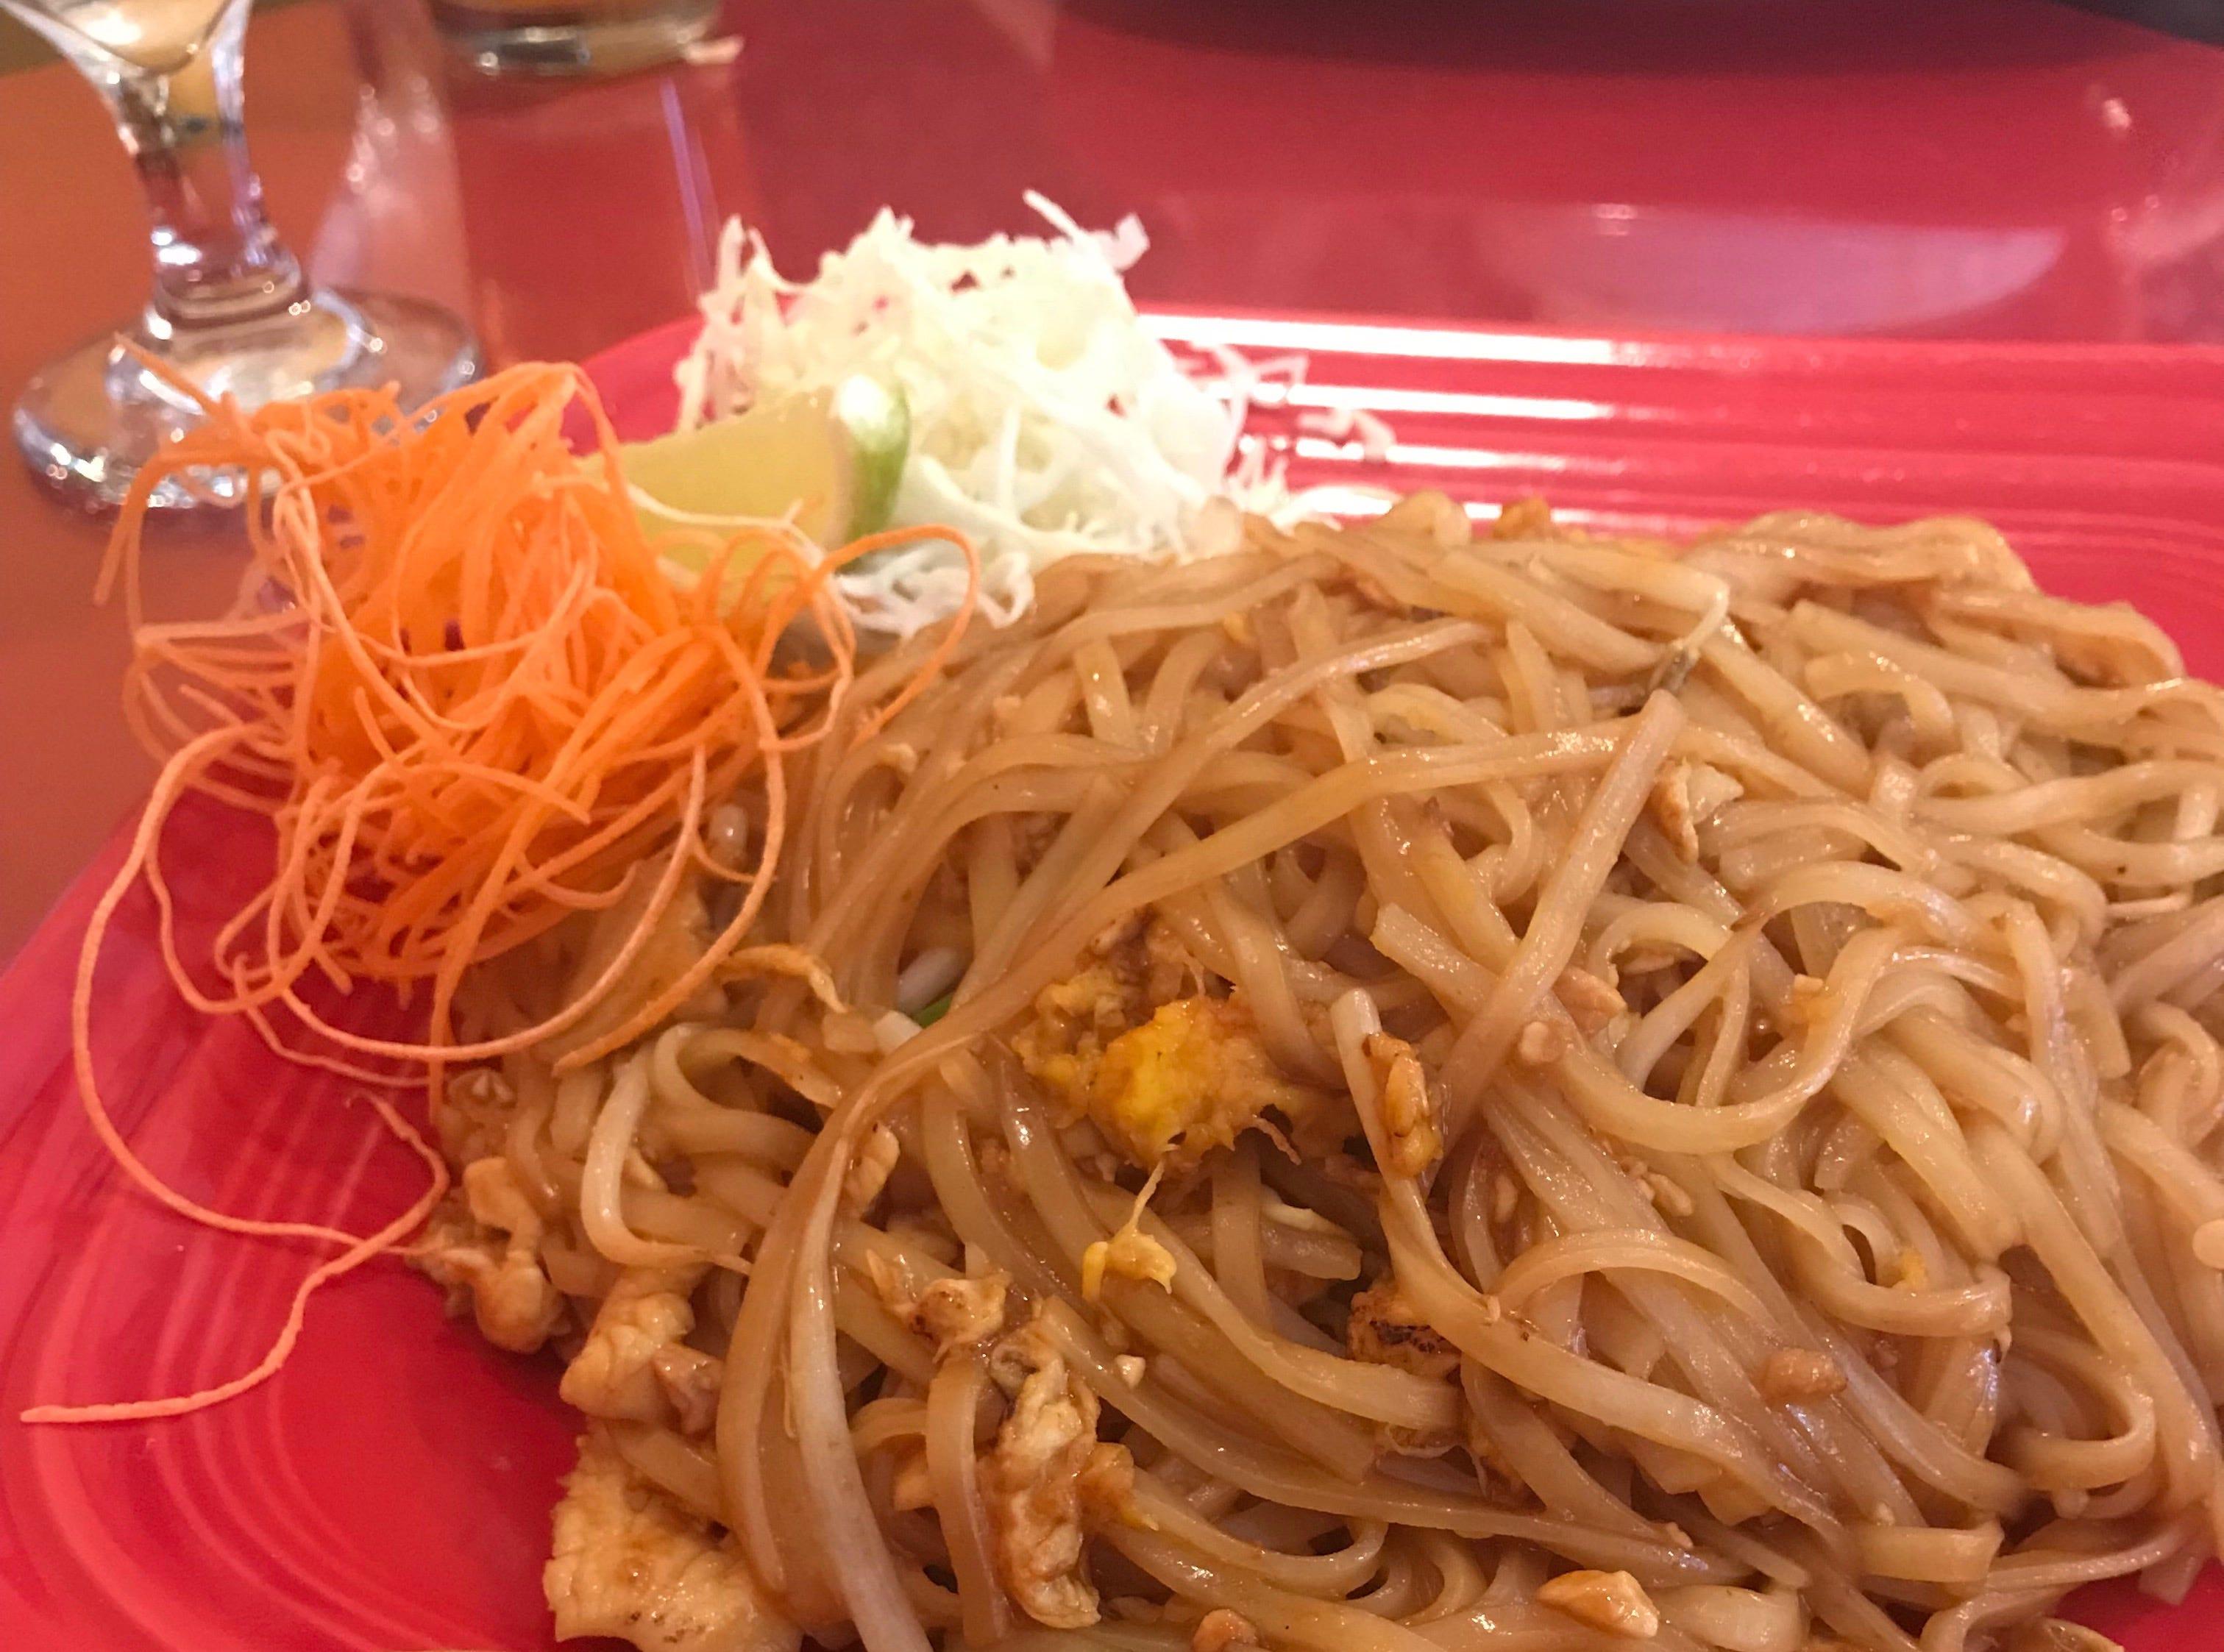 Pad Thai at Zuzap Thai Cuisine in Clive.